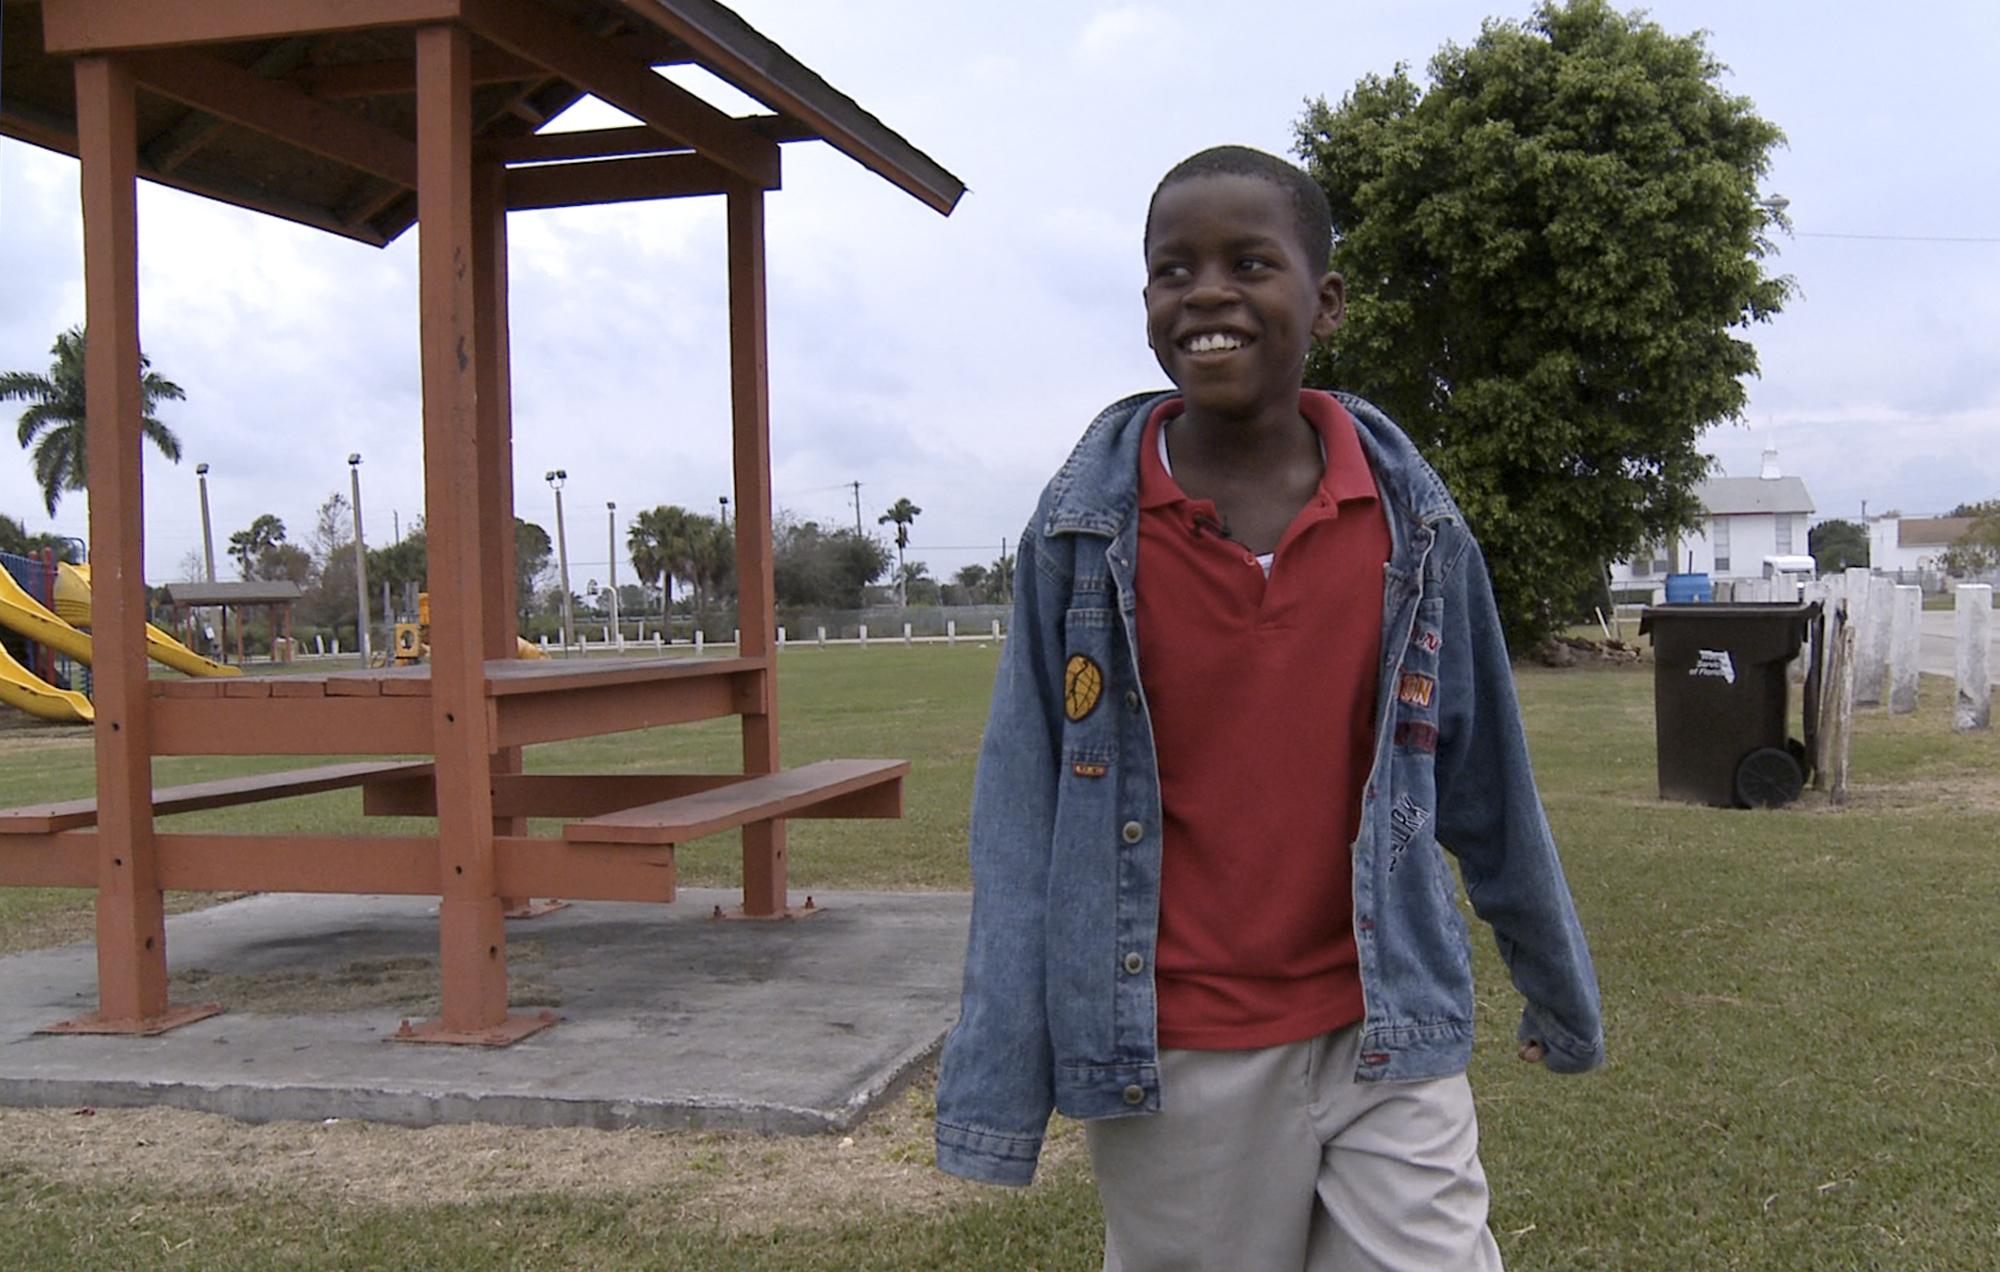 Damon Weaver, 10, walks in a park near his home in Pahokee, Fla, on Jan. 13, 2009.